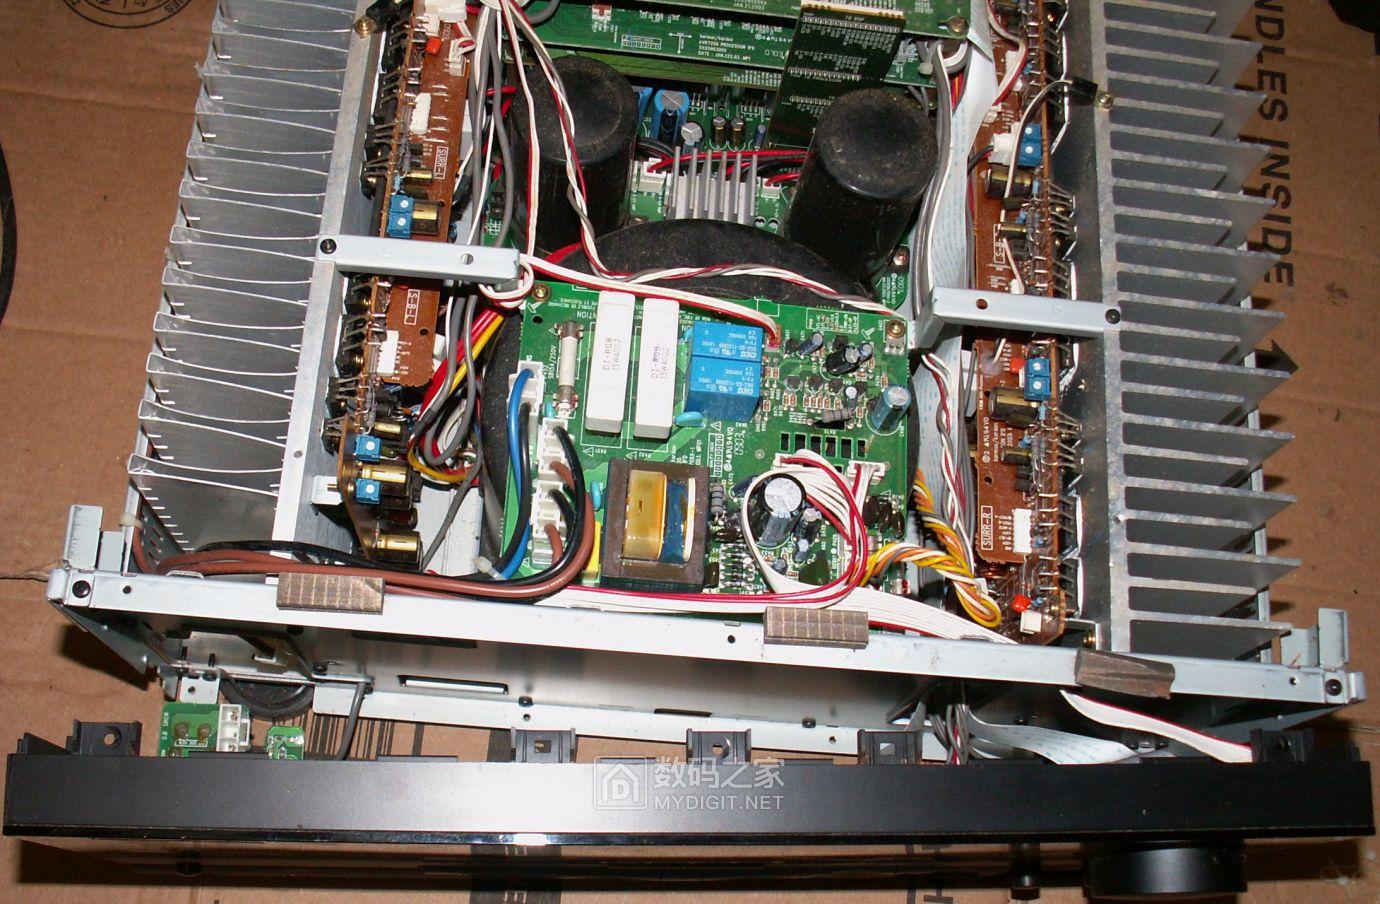 【热点】维修利利普OWON-SDS8102V示波器旋钮失灵,拆机更换全部编码器 数码拆机百科 第37张